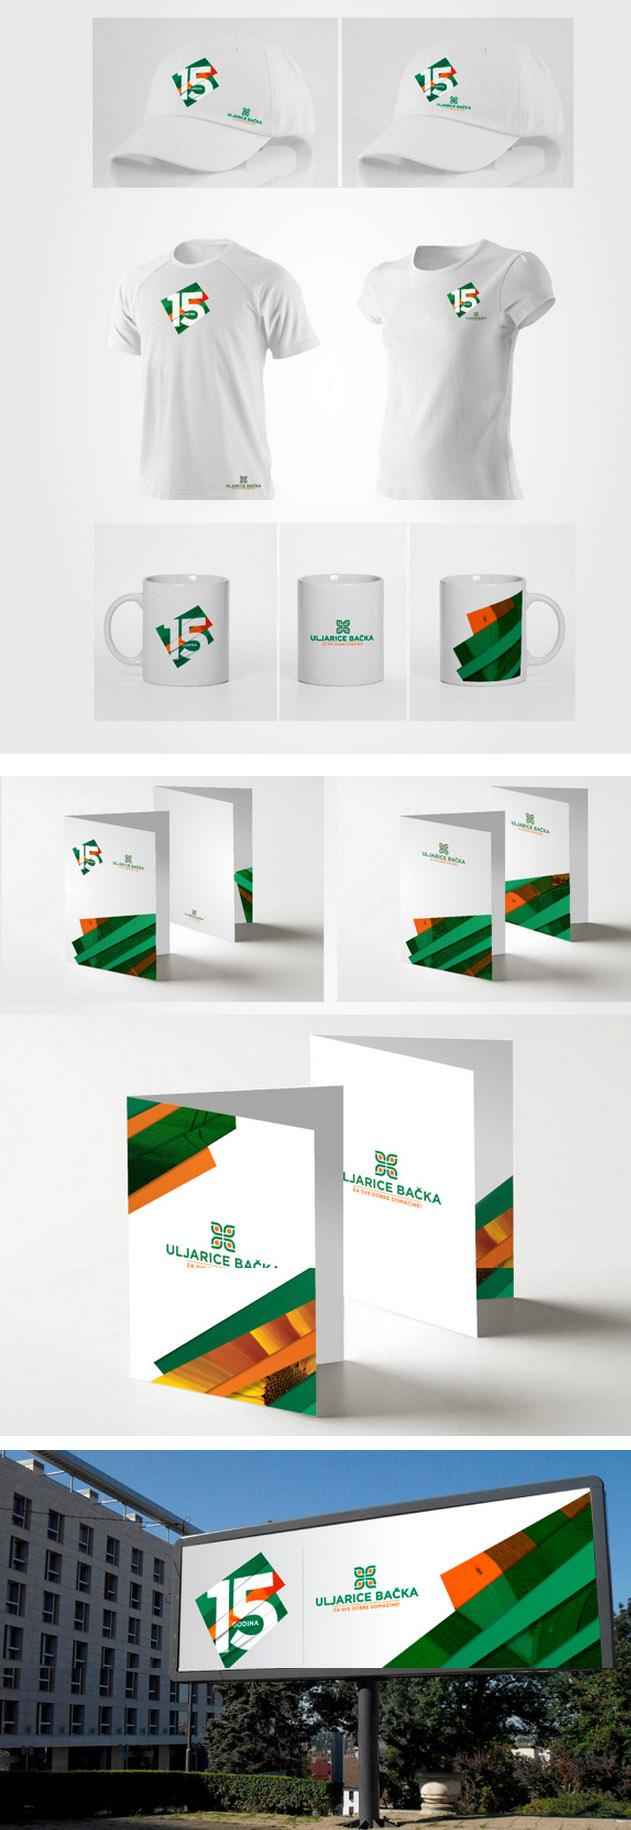 kreatif kurumsal tasarımlar (11)